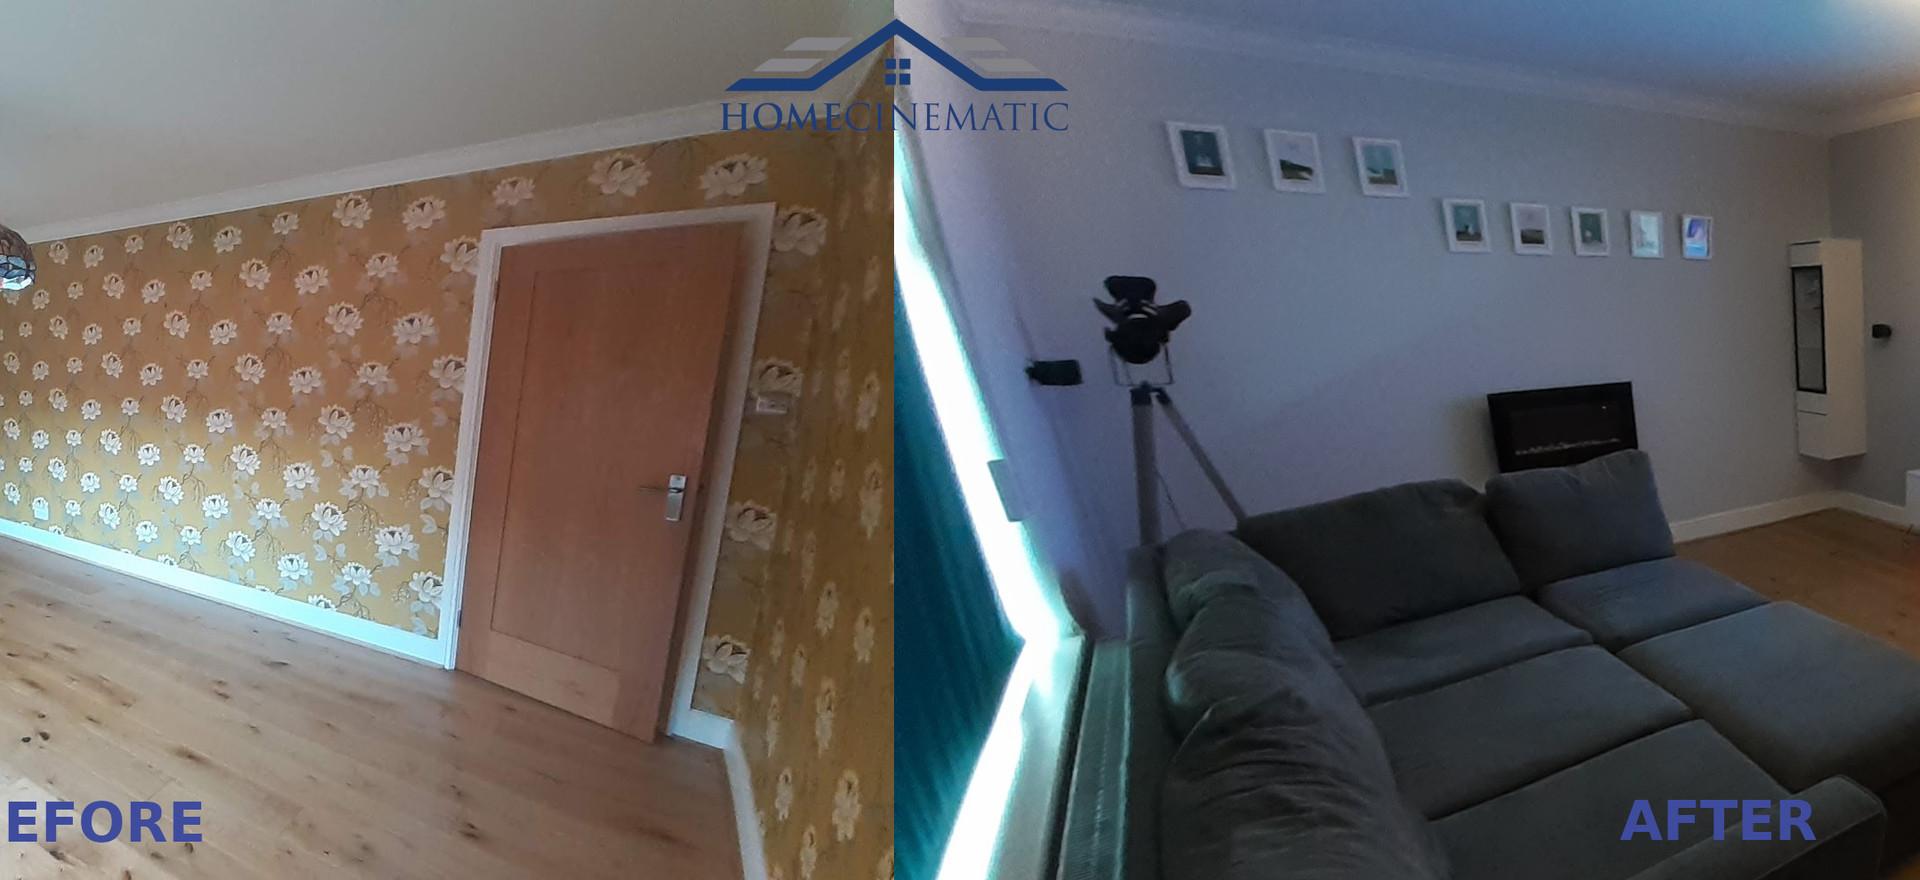 TV Room - Chestfield, Kent - 2020